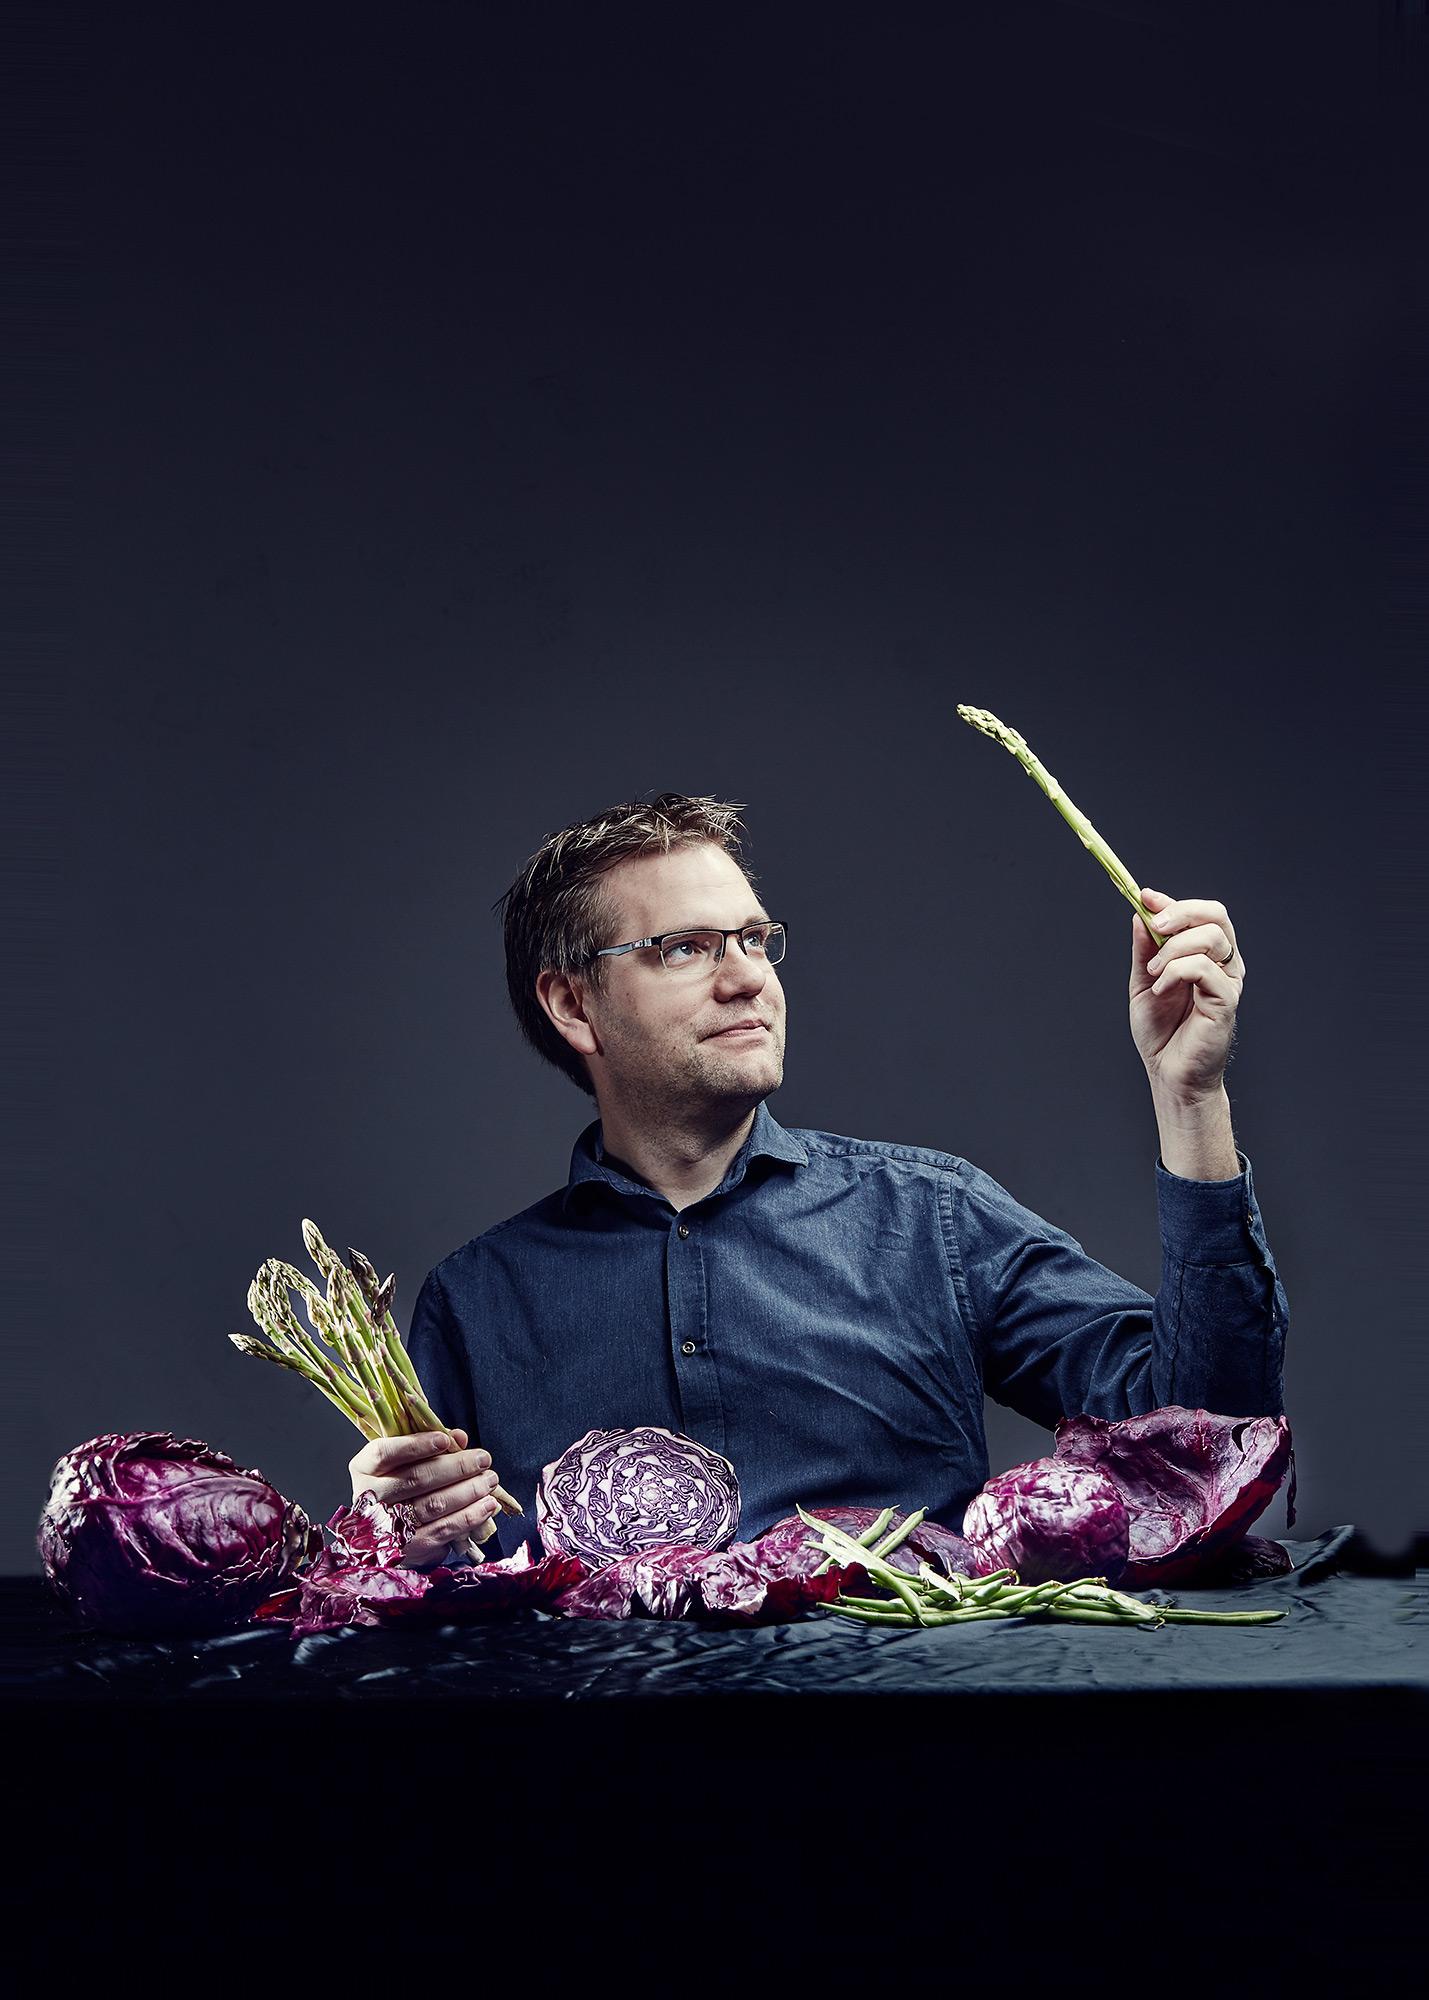 Rikard Landberg